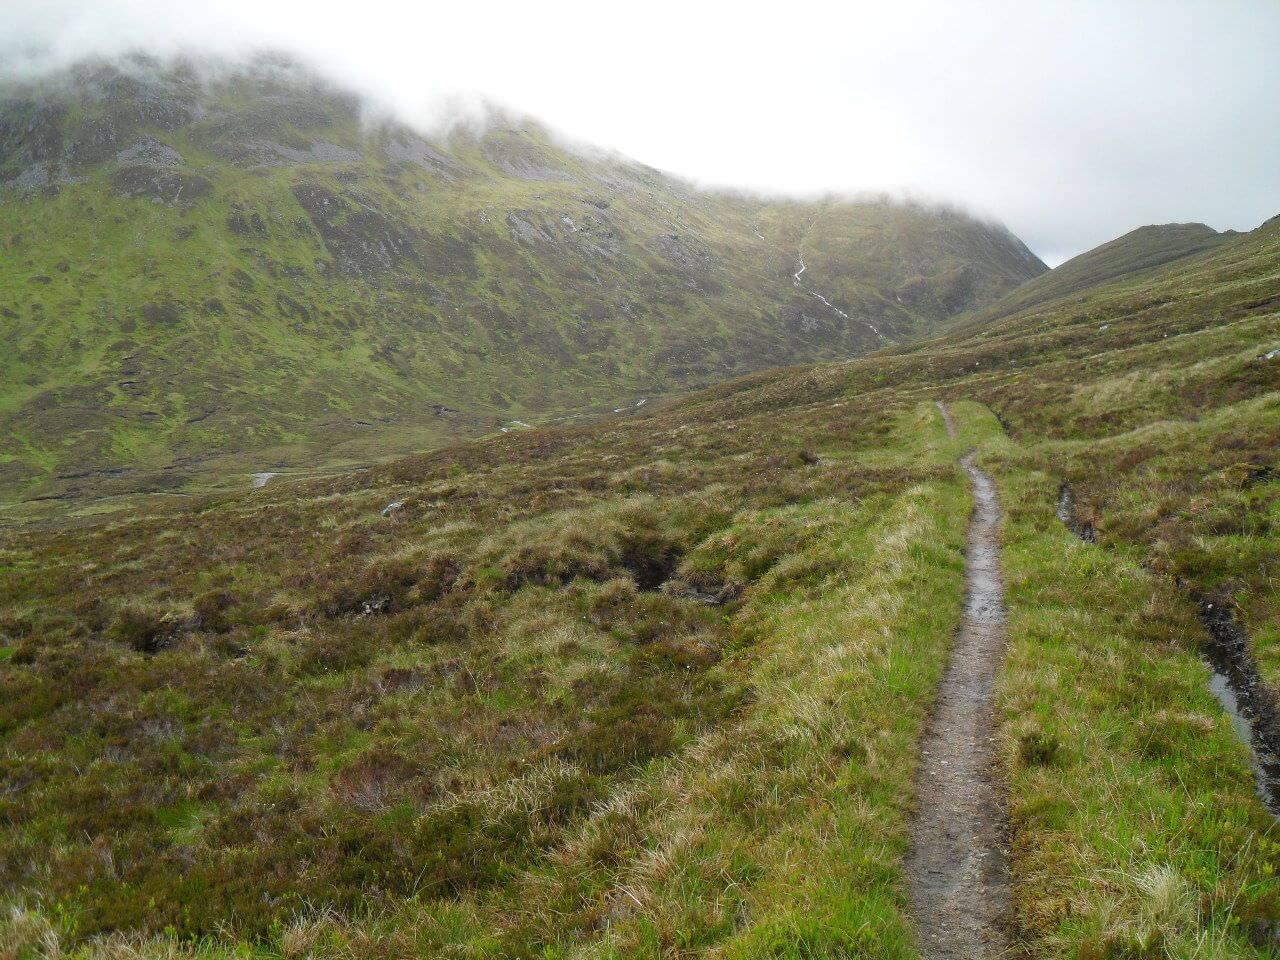 Vom <em>Bealach Cumhann</em> auf 669m geht's ins Tal des <em>Uisge Labhair</em>, aber nur 60 hm runter und dann wieder hoch zum <em>Bealach Dubh</em> auf 732m